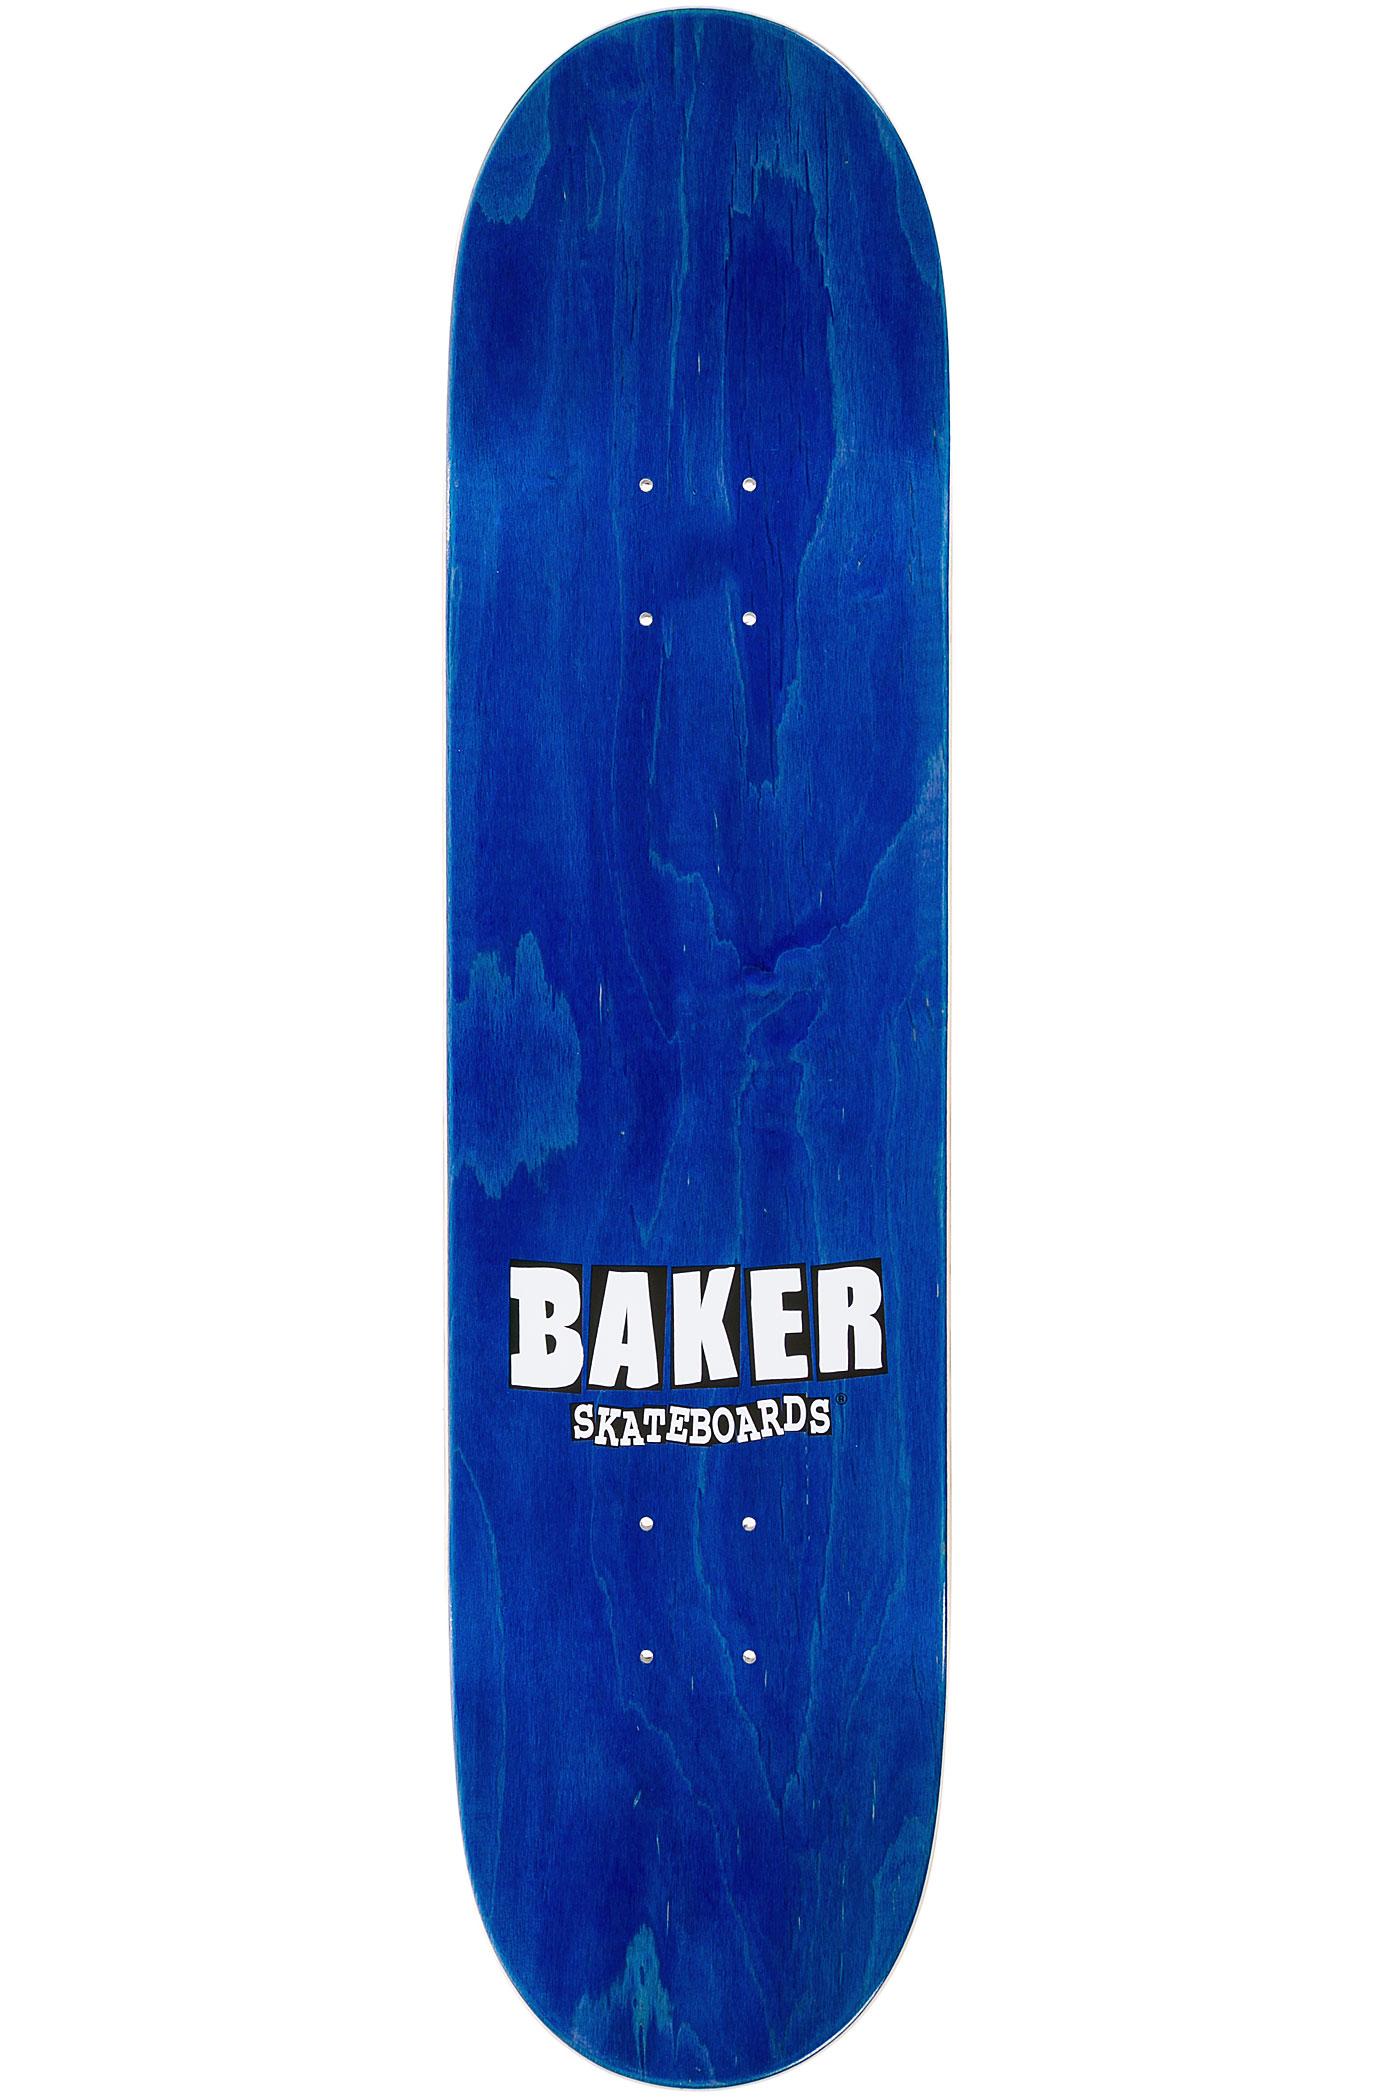 Baker skateboards coupons